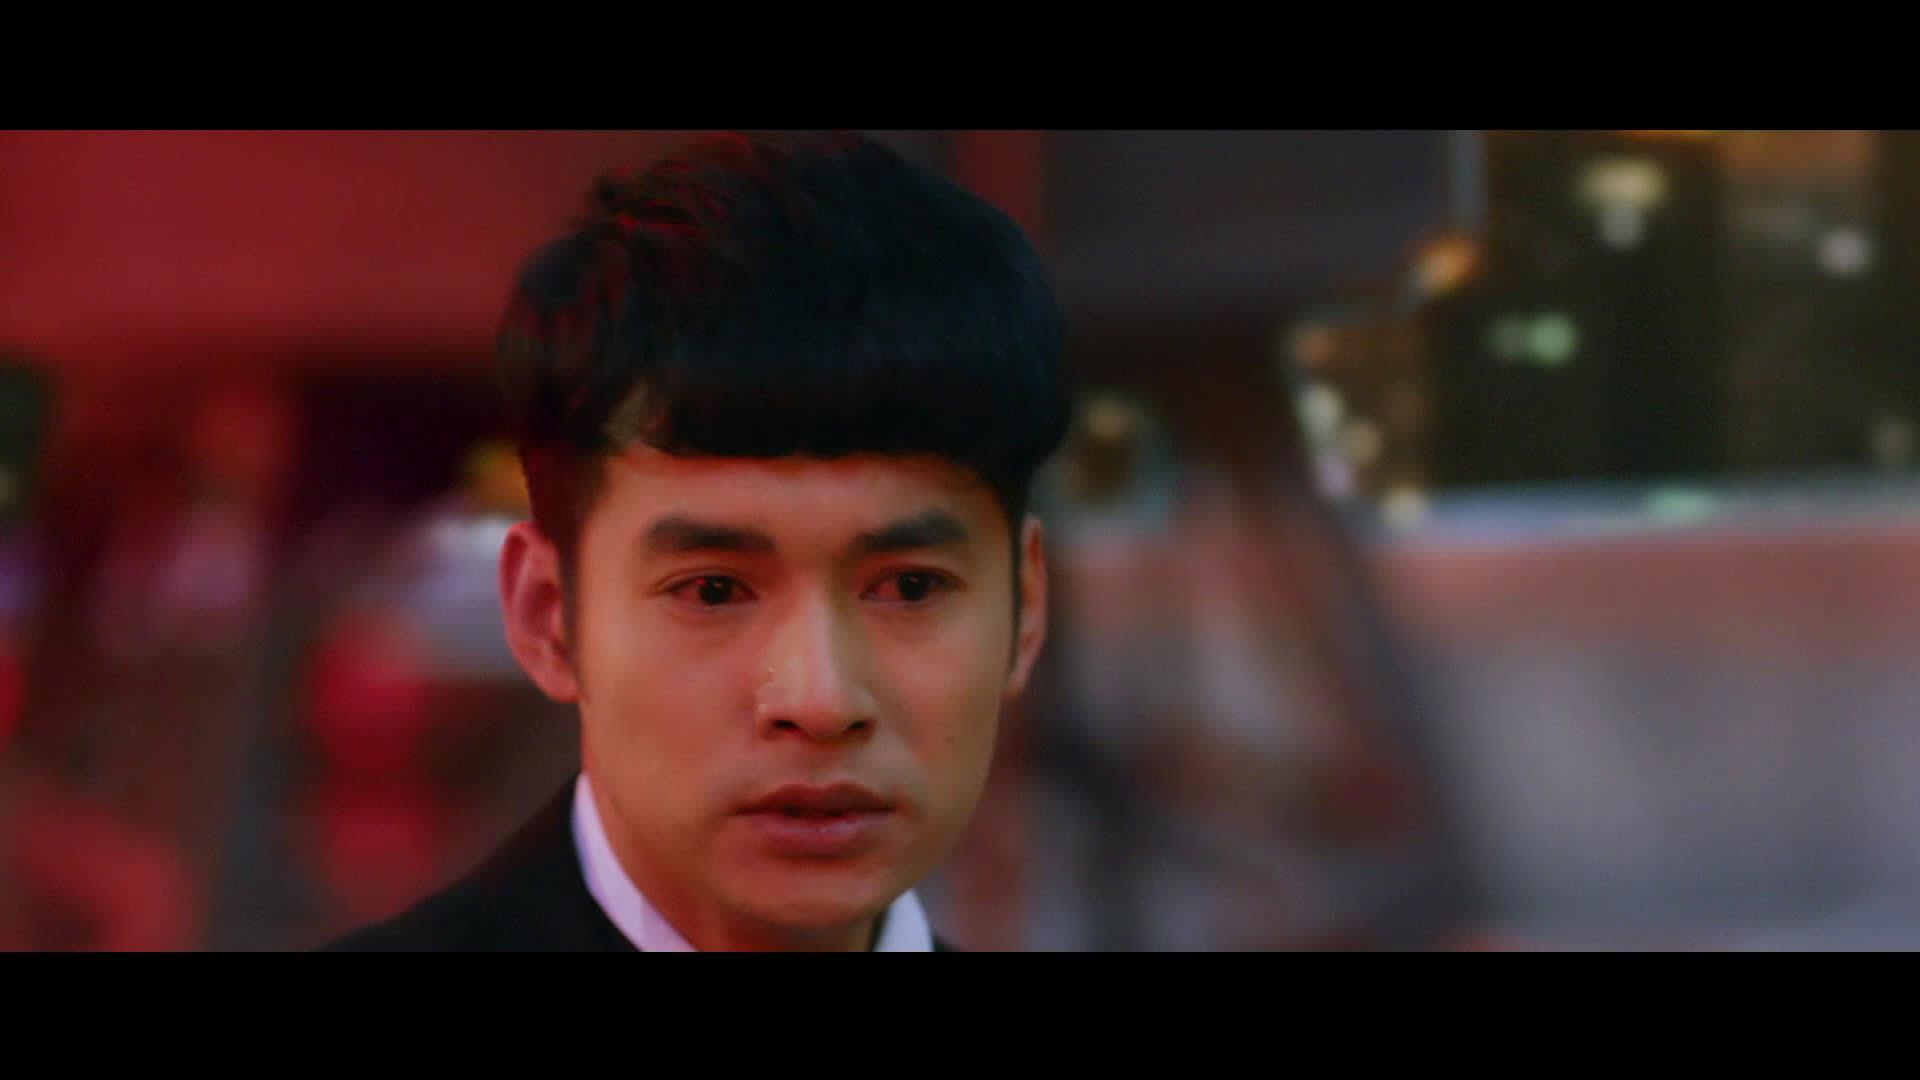 王福祥@文松V 亲眼目睹了妈妈的离开痛不欲生……